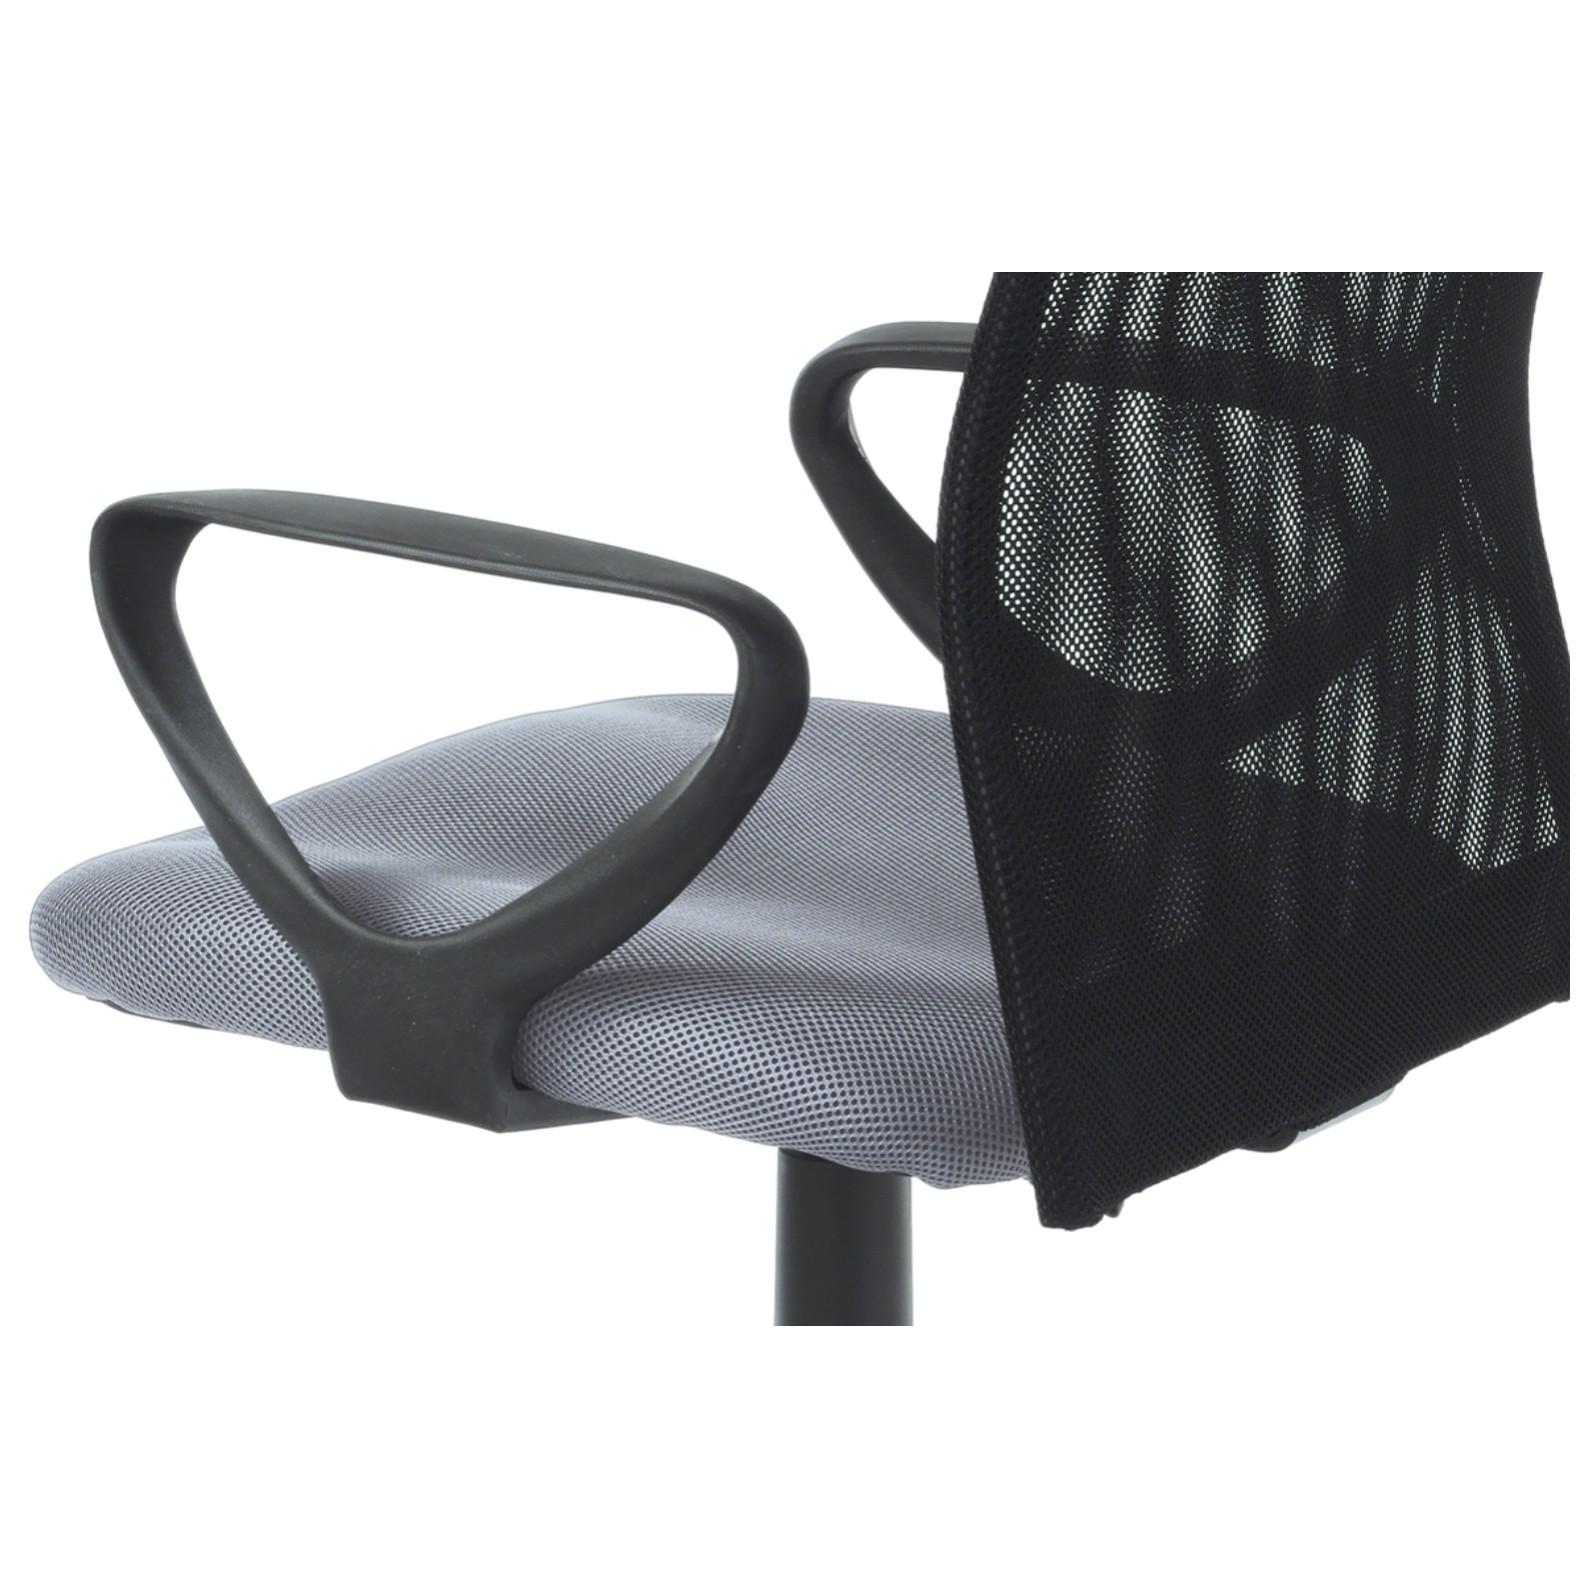 Sconto Kancelárska stolička FRESH sivá/čierna Moderná otočná stolička FRESH.